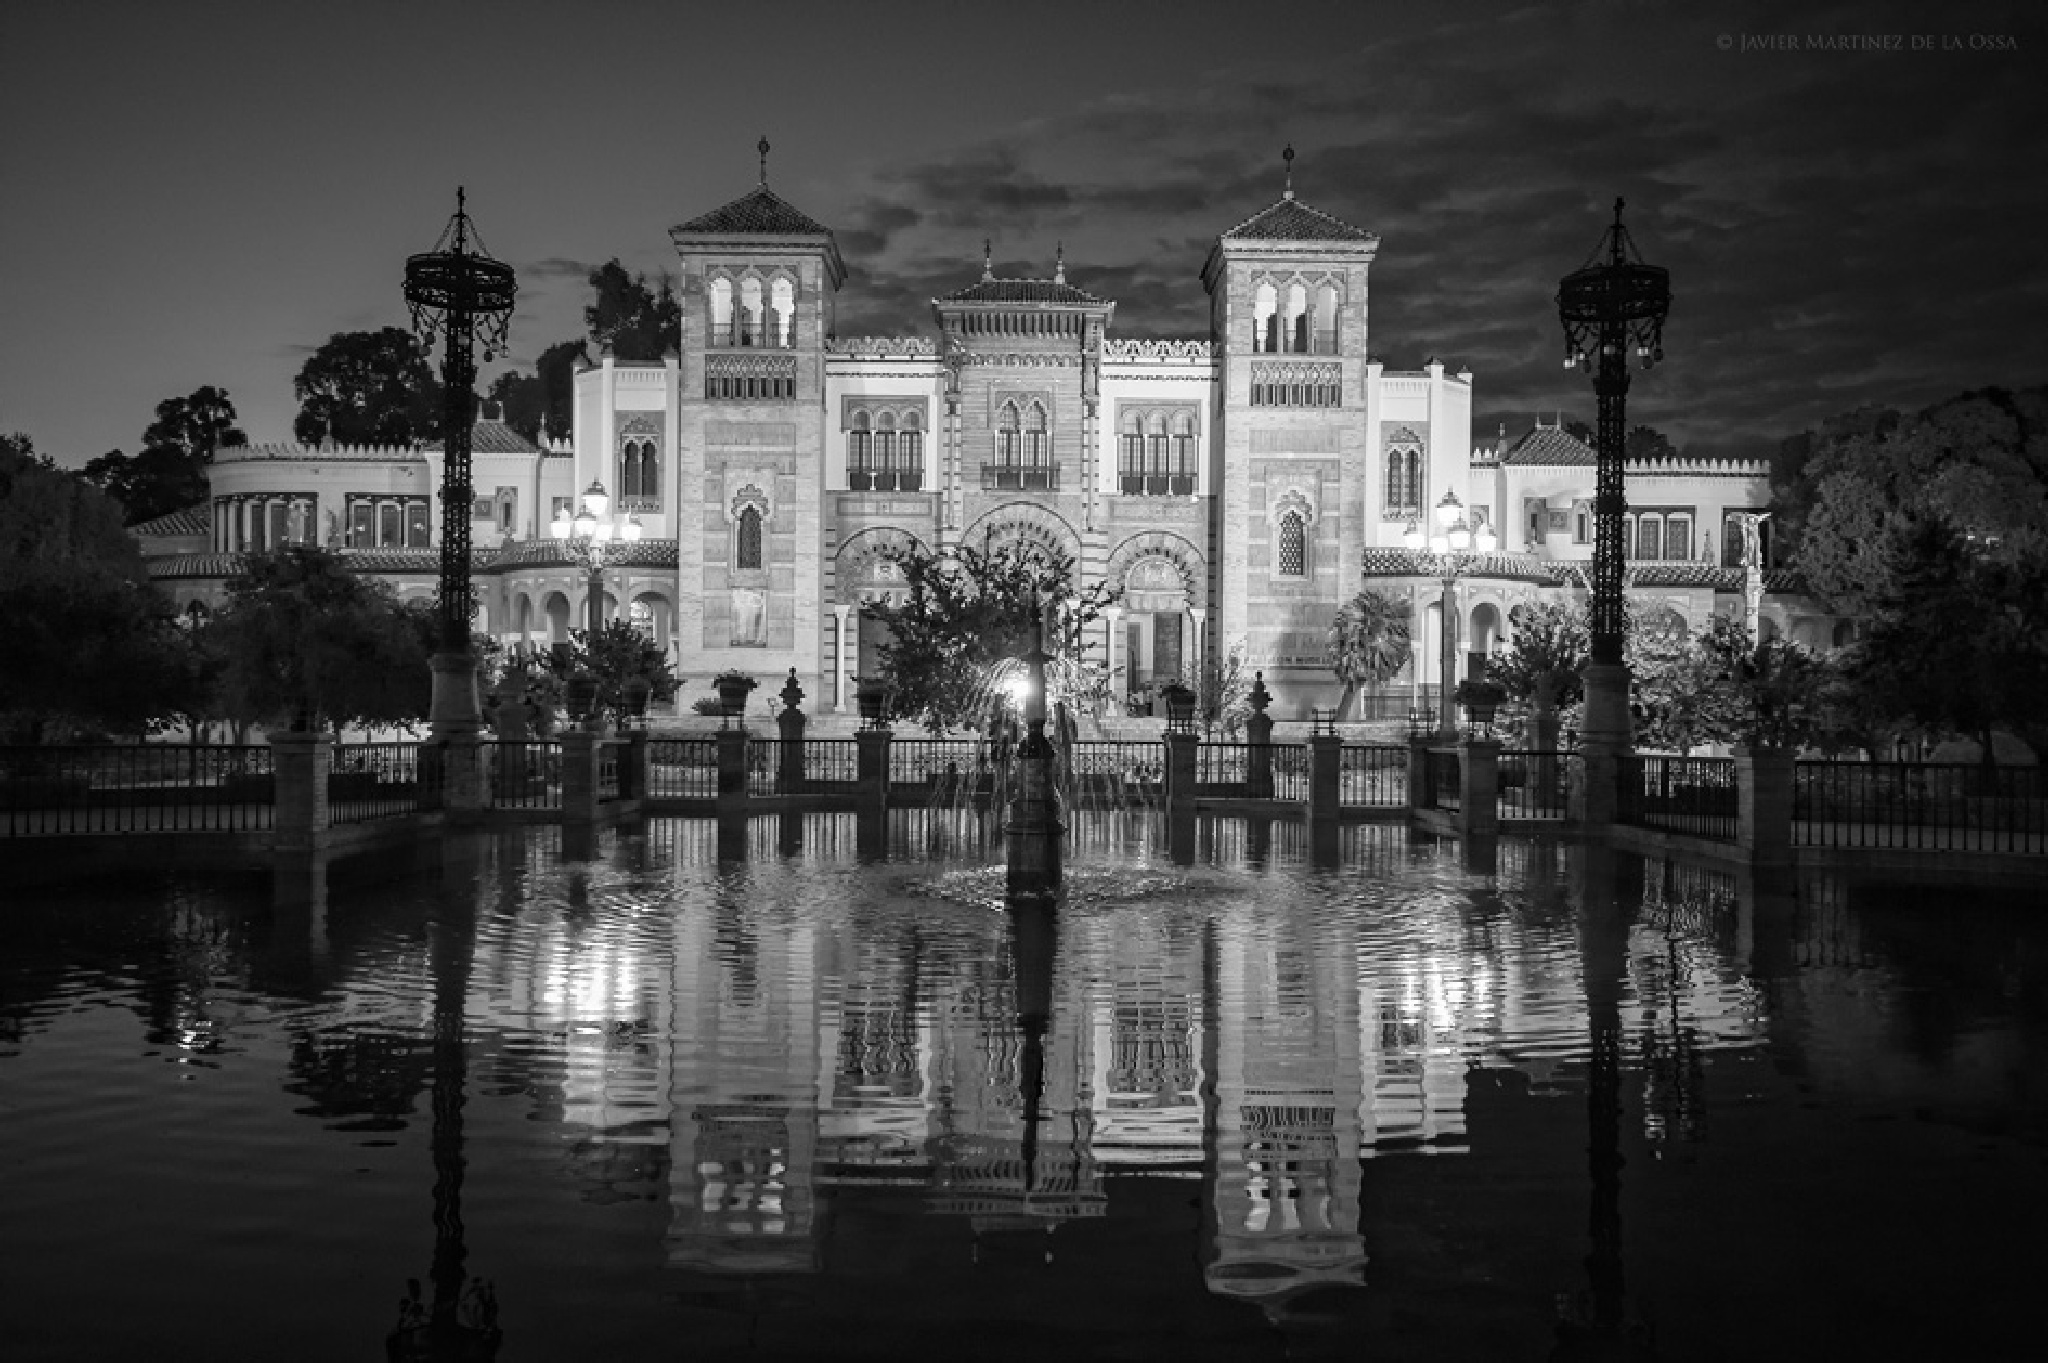 Nocturna en la Plaza de América. by Javier Martinez de la Ossa